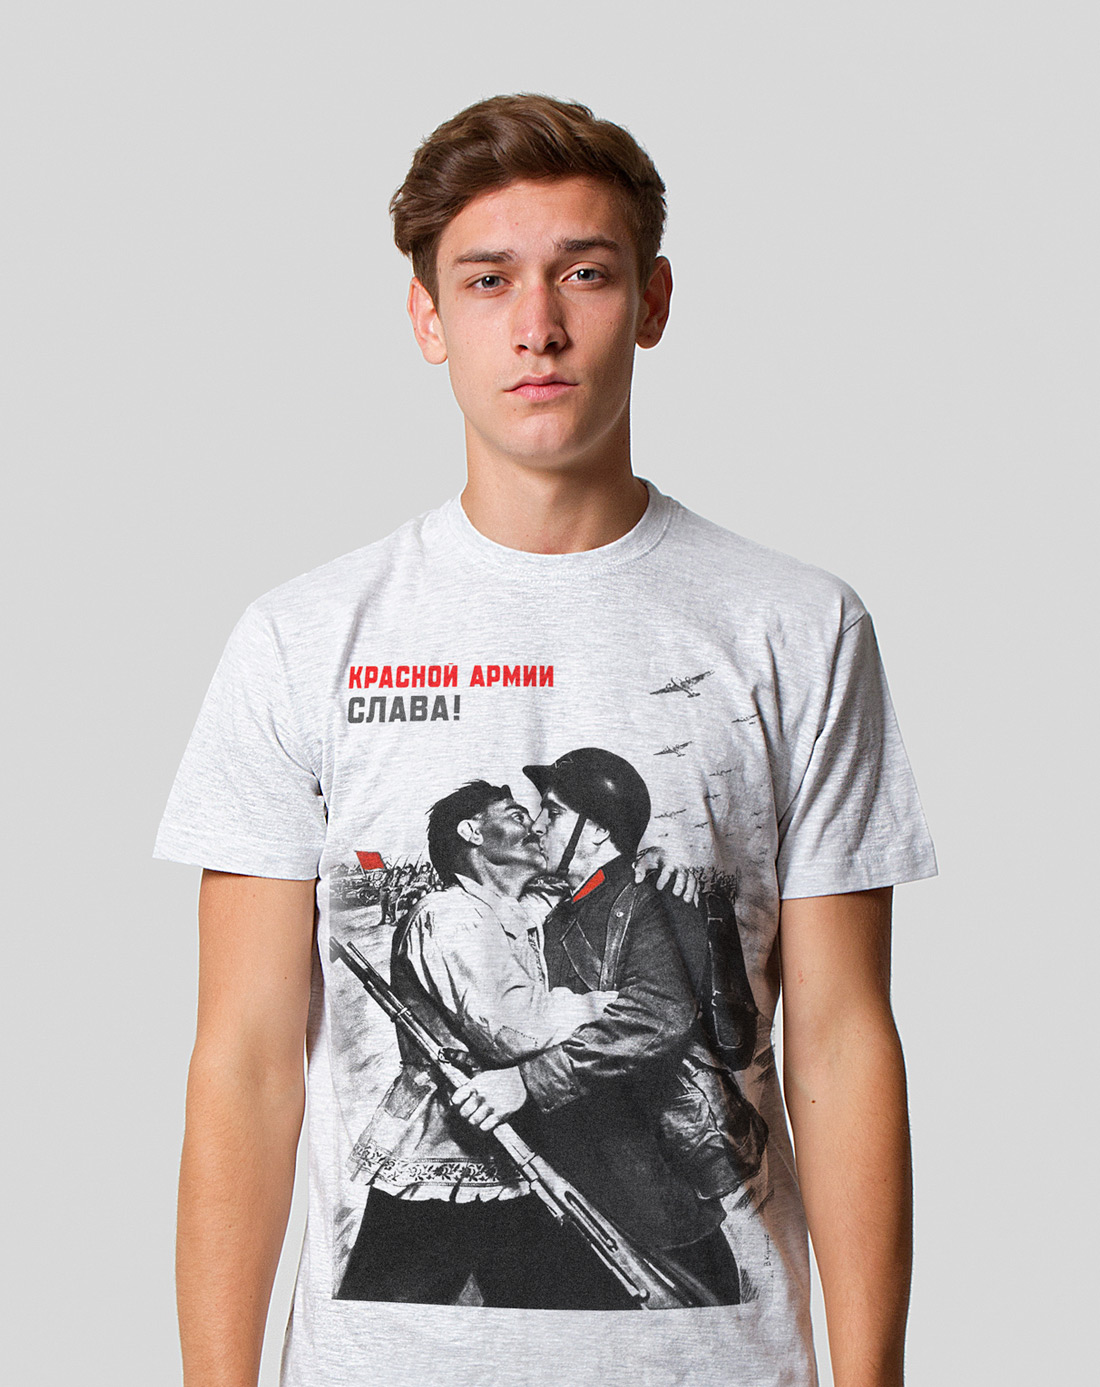 Soviet Army Kiss WW2 Propaganda Funny Political Grey T-shirt by ...